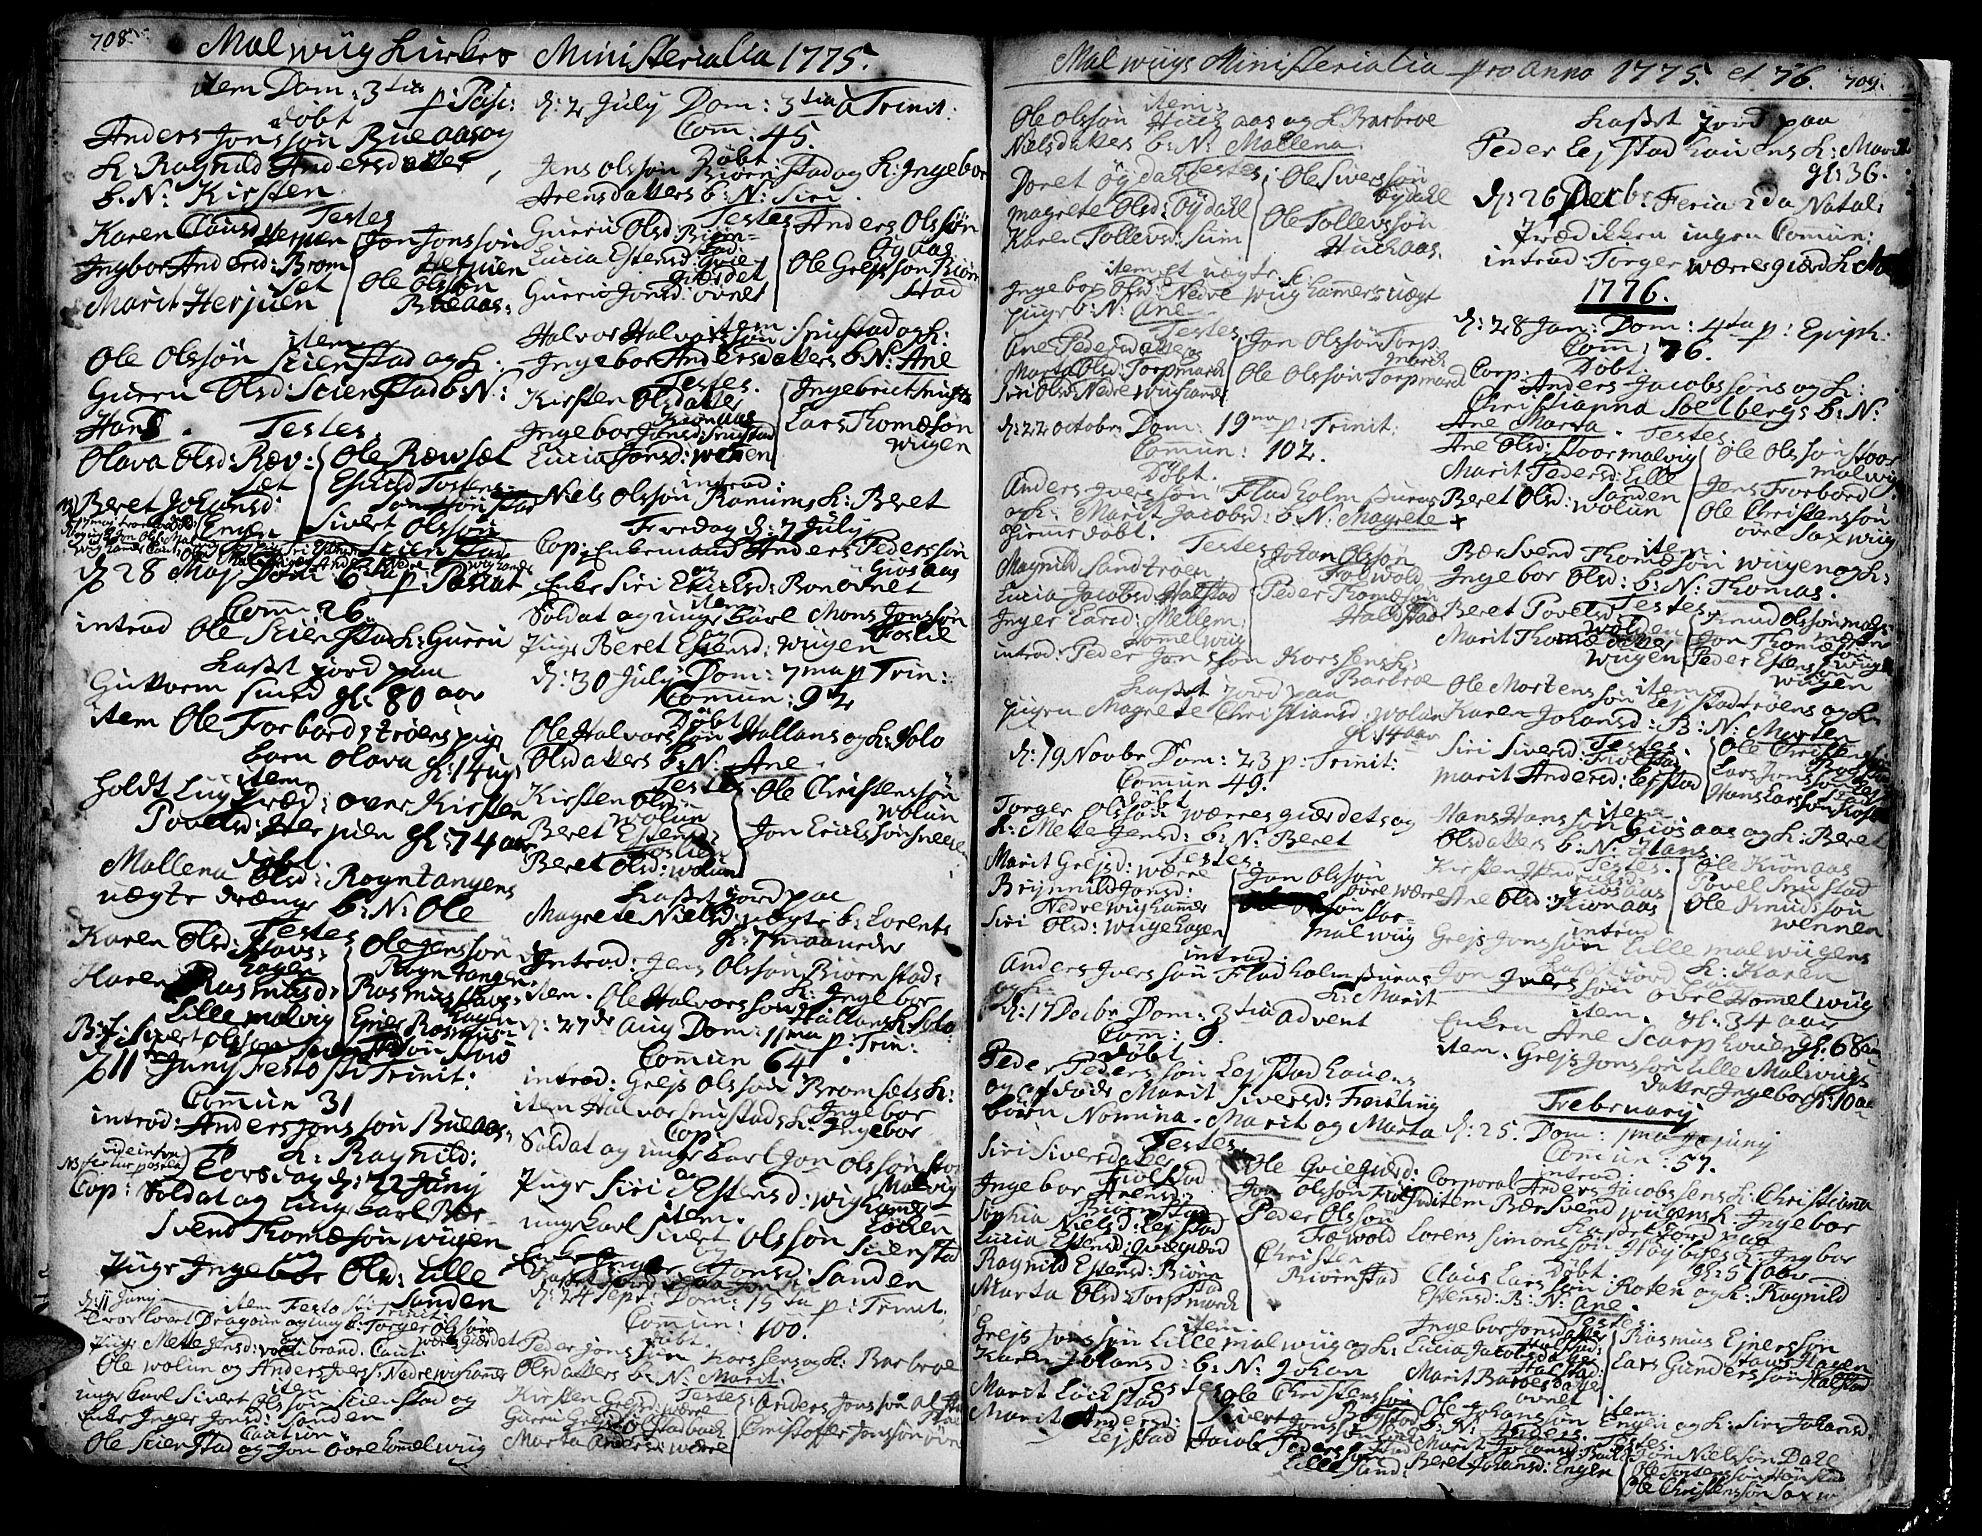 SAT, Ministerialprotokoller, klokkerbøker og fødselsregistre - Sør-Trøndelag, 606/L0277: Ministerialbok nr. 606A01 /3, 1727-1780, s. 708-709